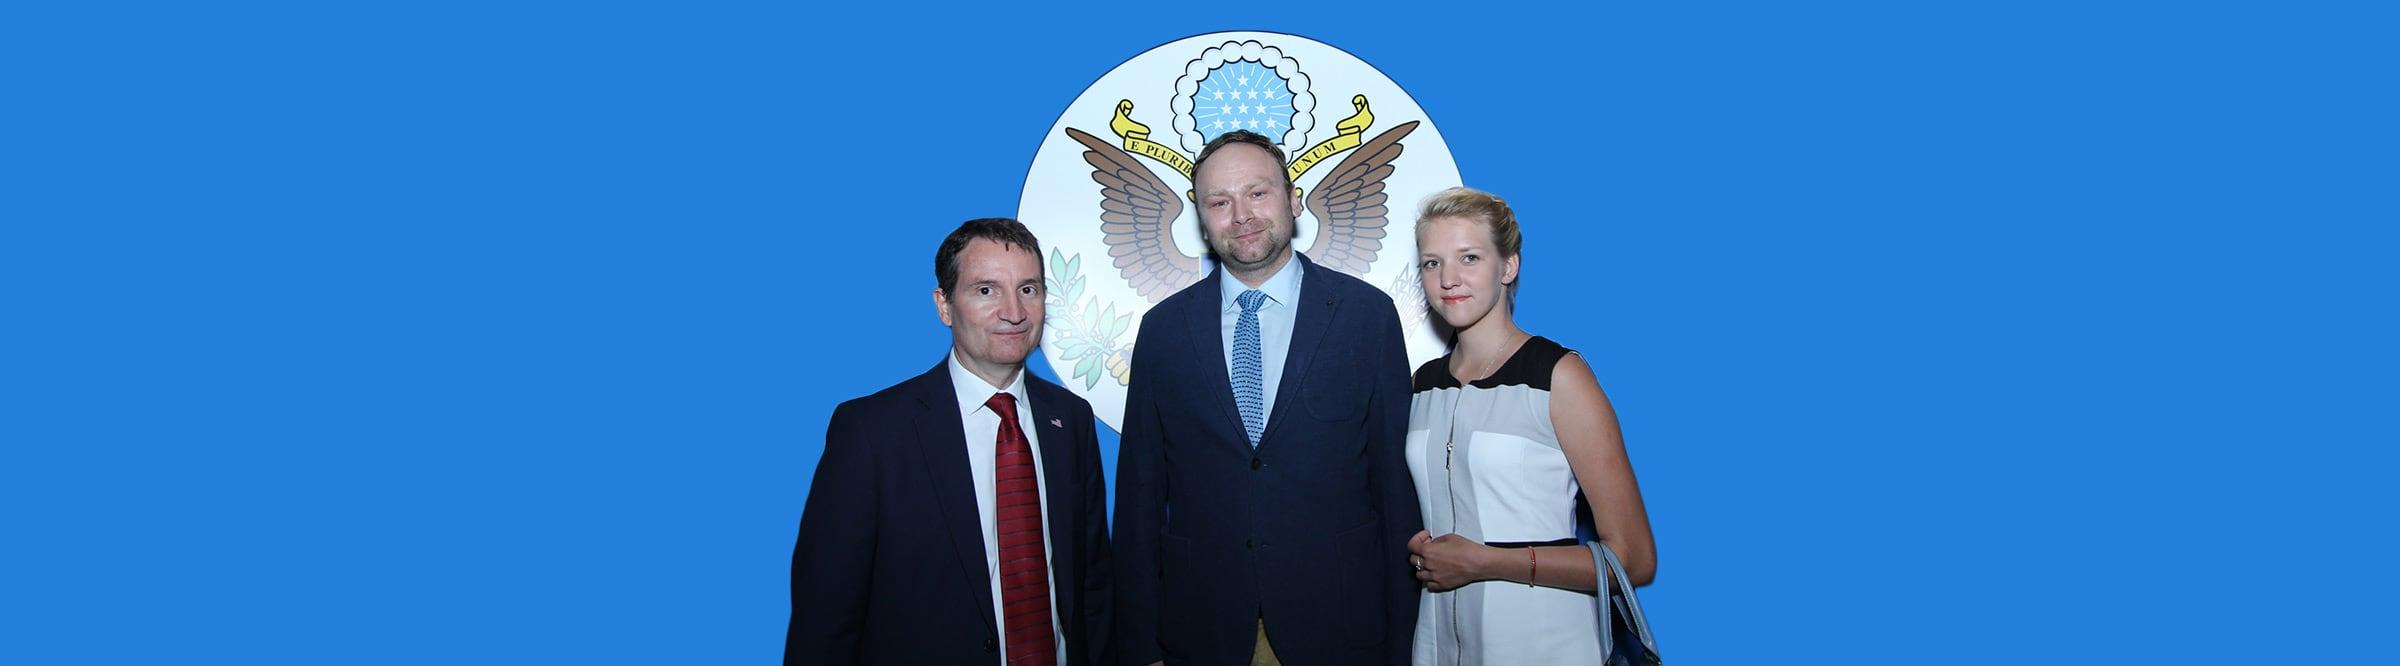 Агент влияния США Фёдор Крашенинников оштрафован за неуважение к власти